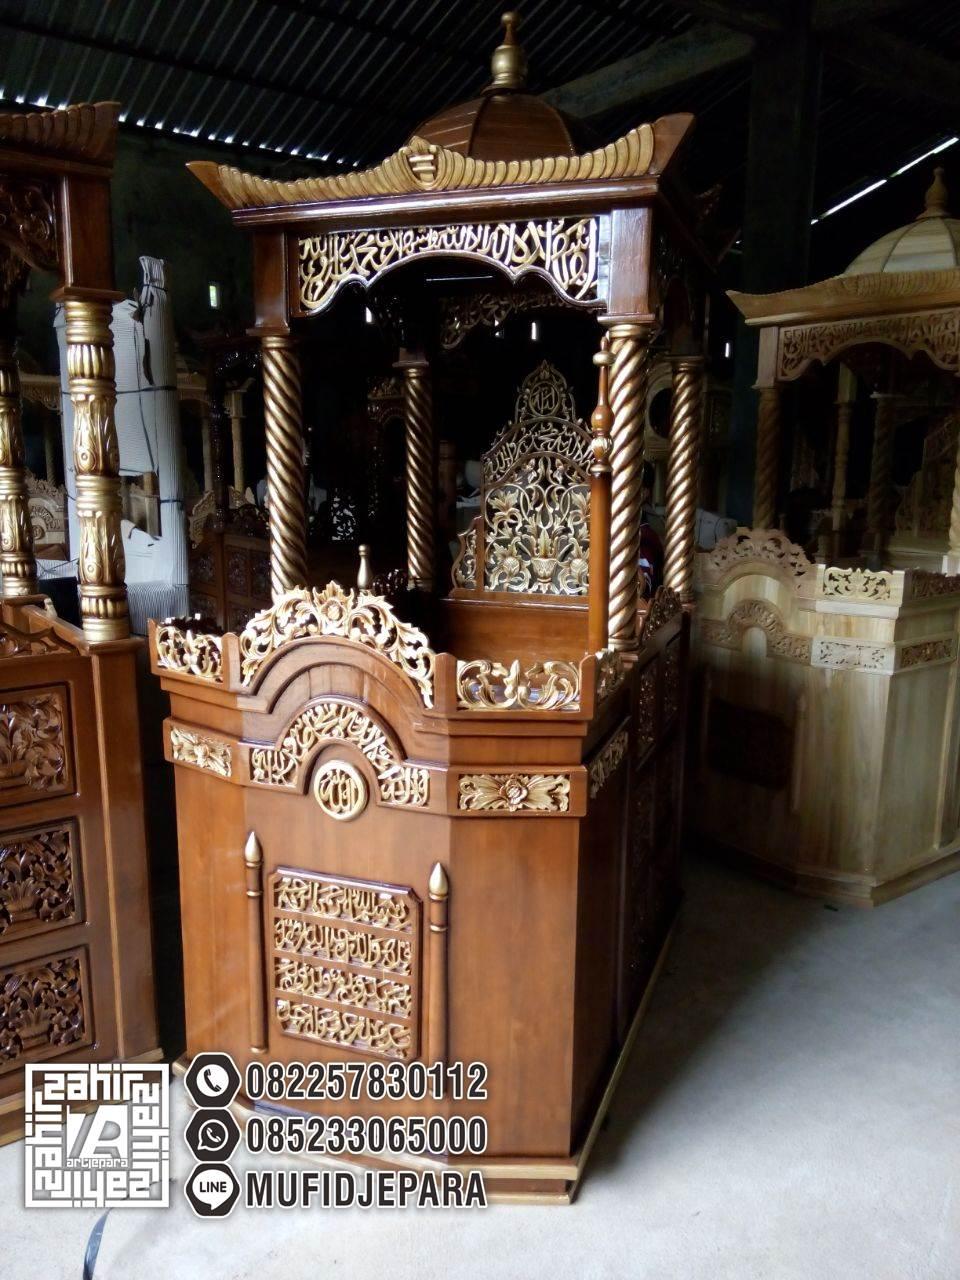 Mimbar Masjid Ukiran 2018 - Pengrajin Mimbar Ukiran - UkuranMimbar Masjid Umum -Mimbar Sederhana